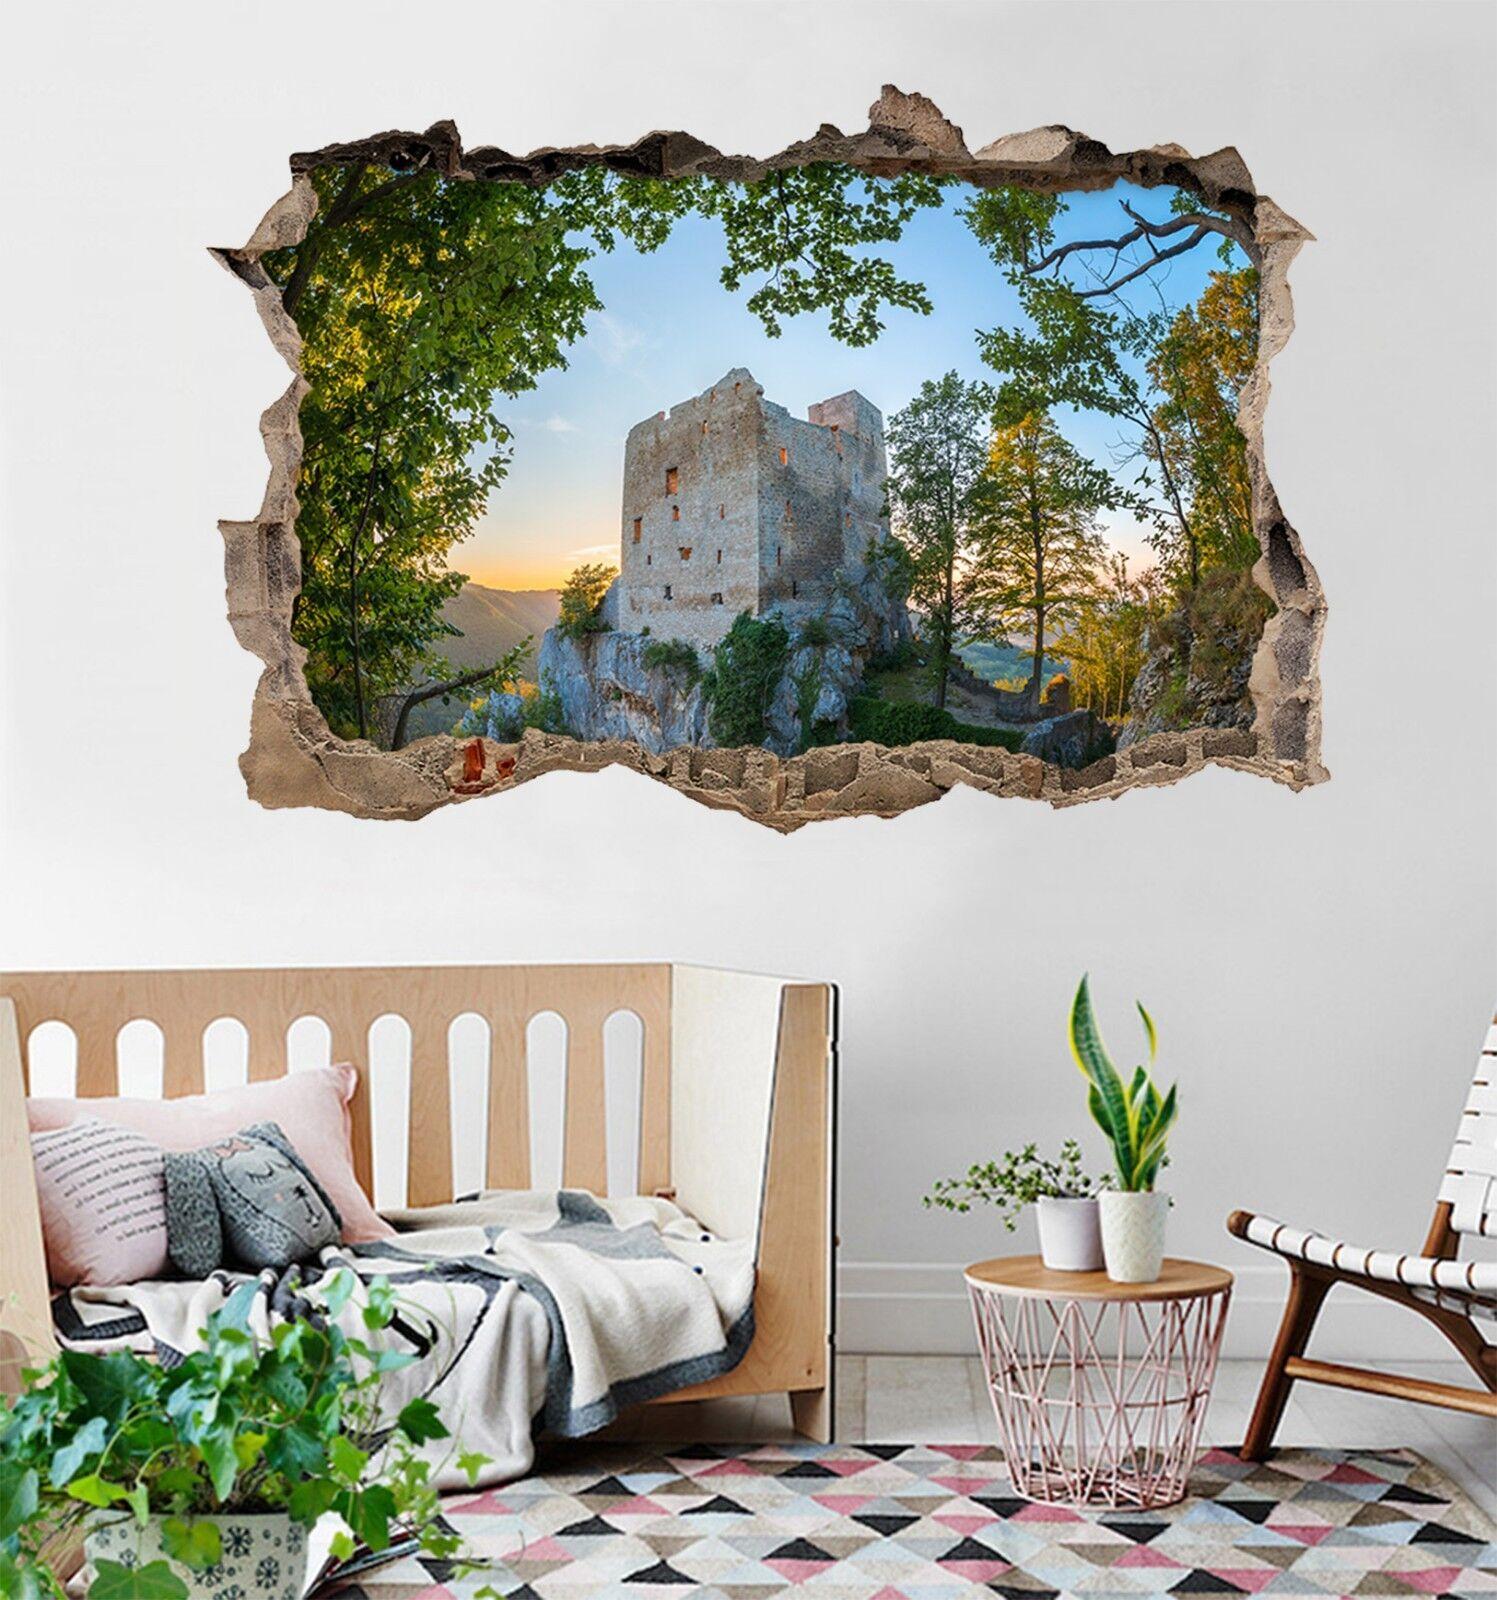 3D Bergspitzenhaus Mauer Murals Mauer Aufklebe Decal Durchbruch AJ WALLPAPER DE